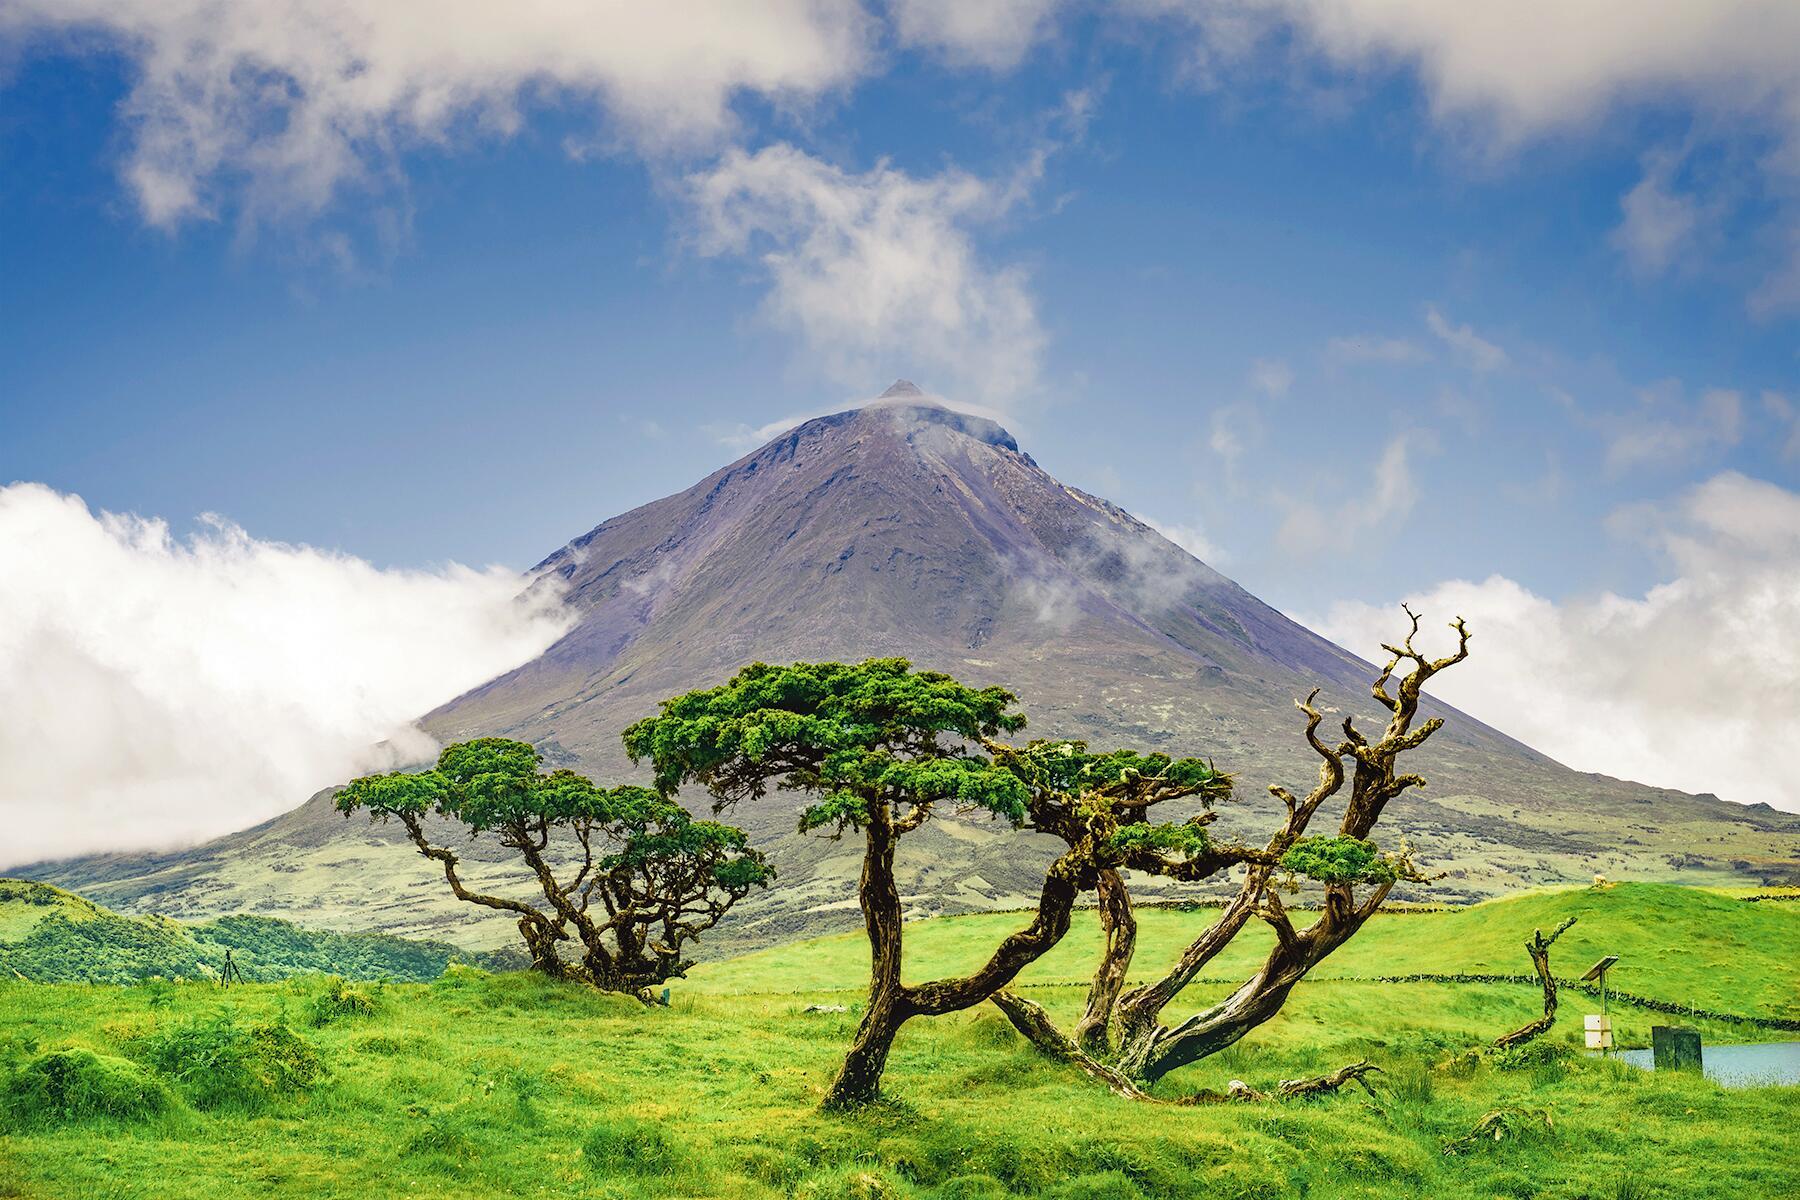 Montanha do Pico, Ilha do Pico - Açores